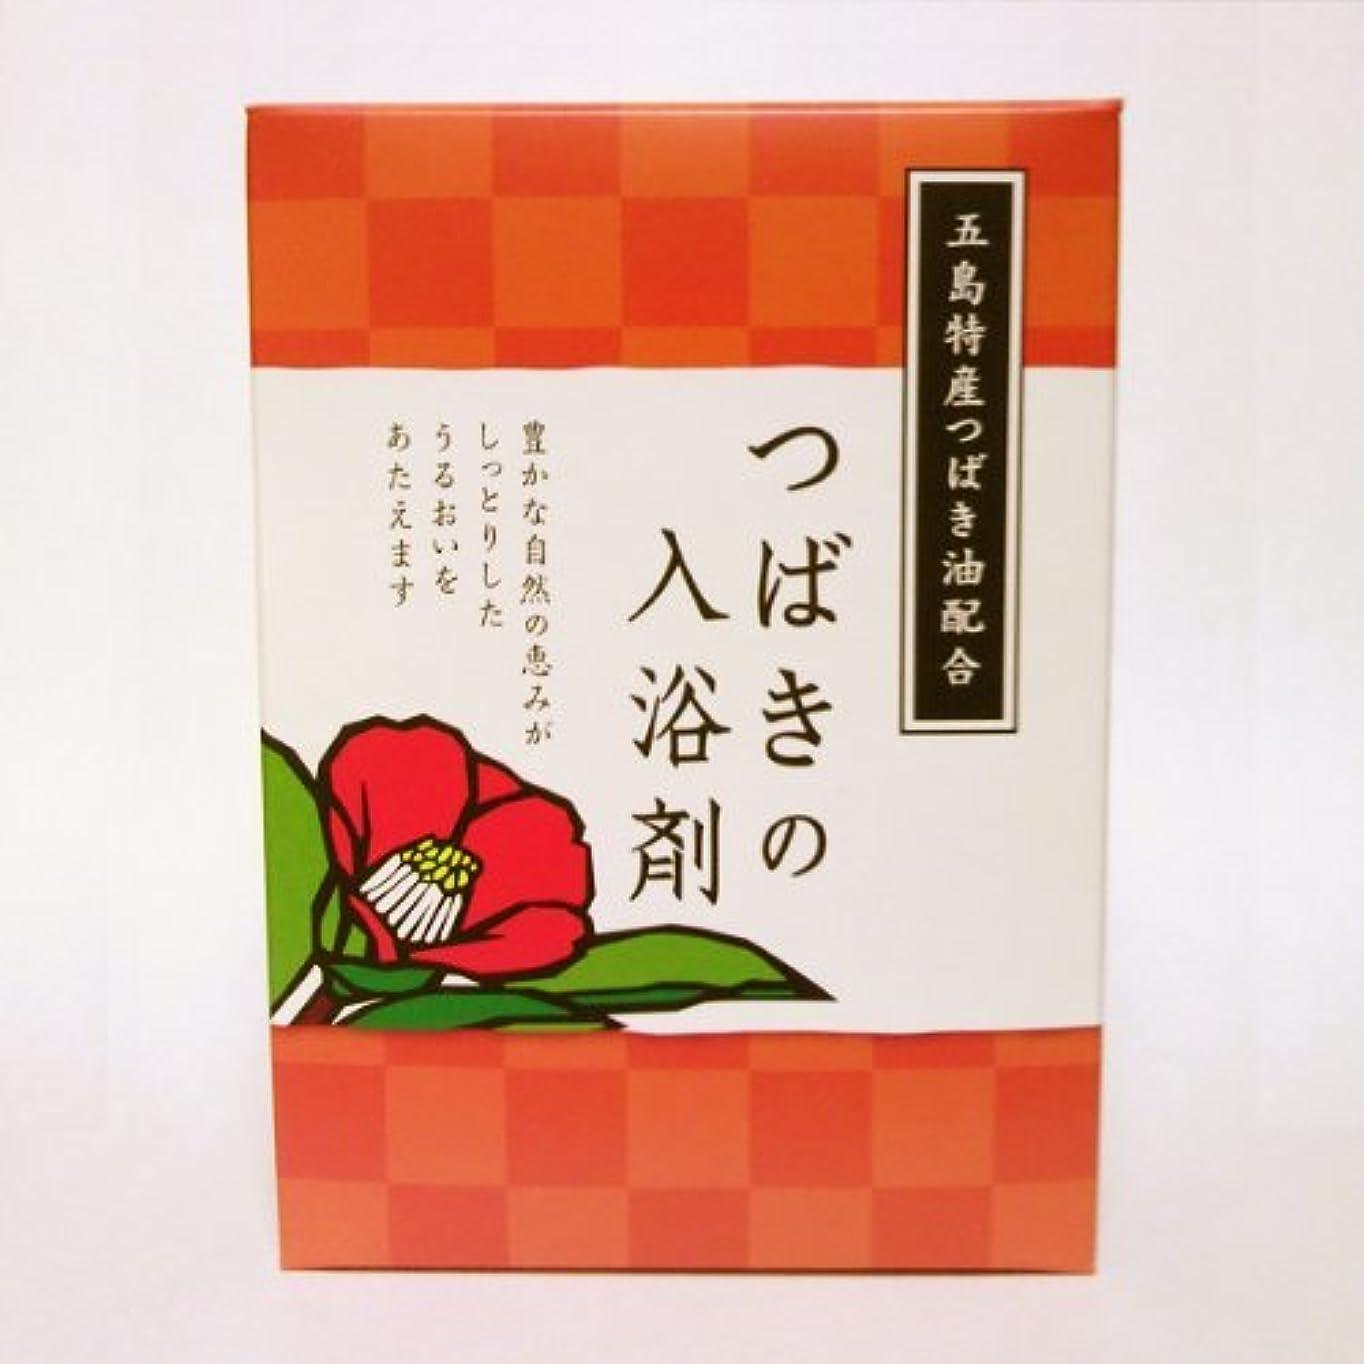 操縦する定刻郵便五島特産純粋 つばきの入浴剤 新上五島町振興公社